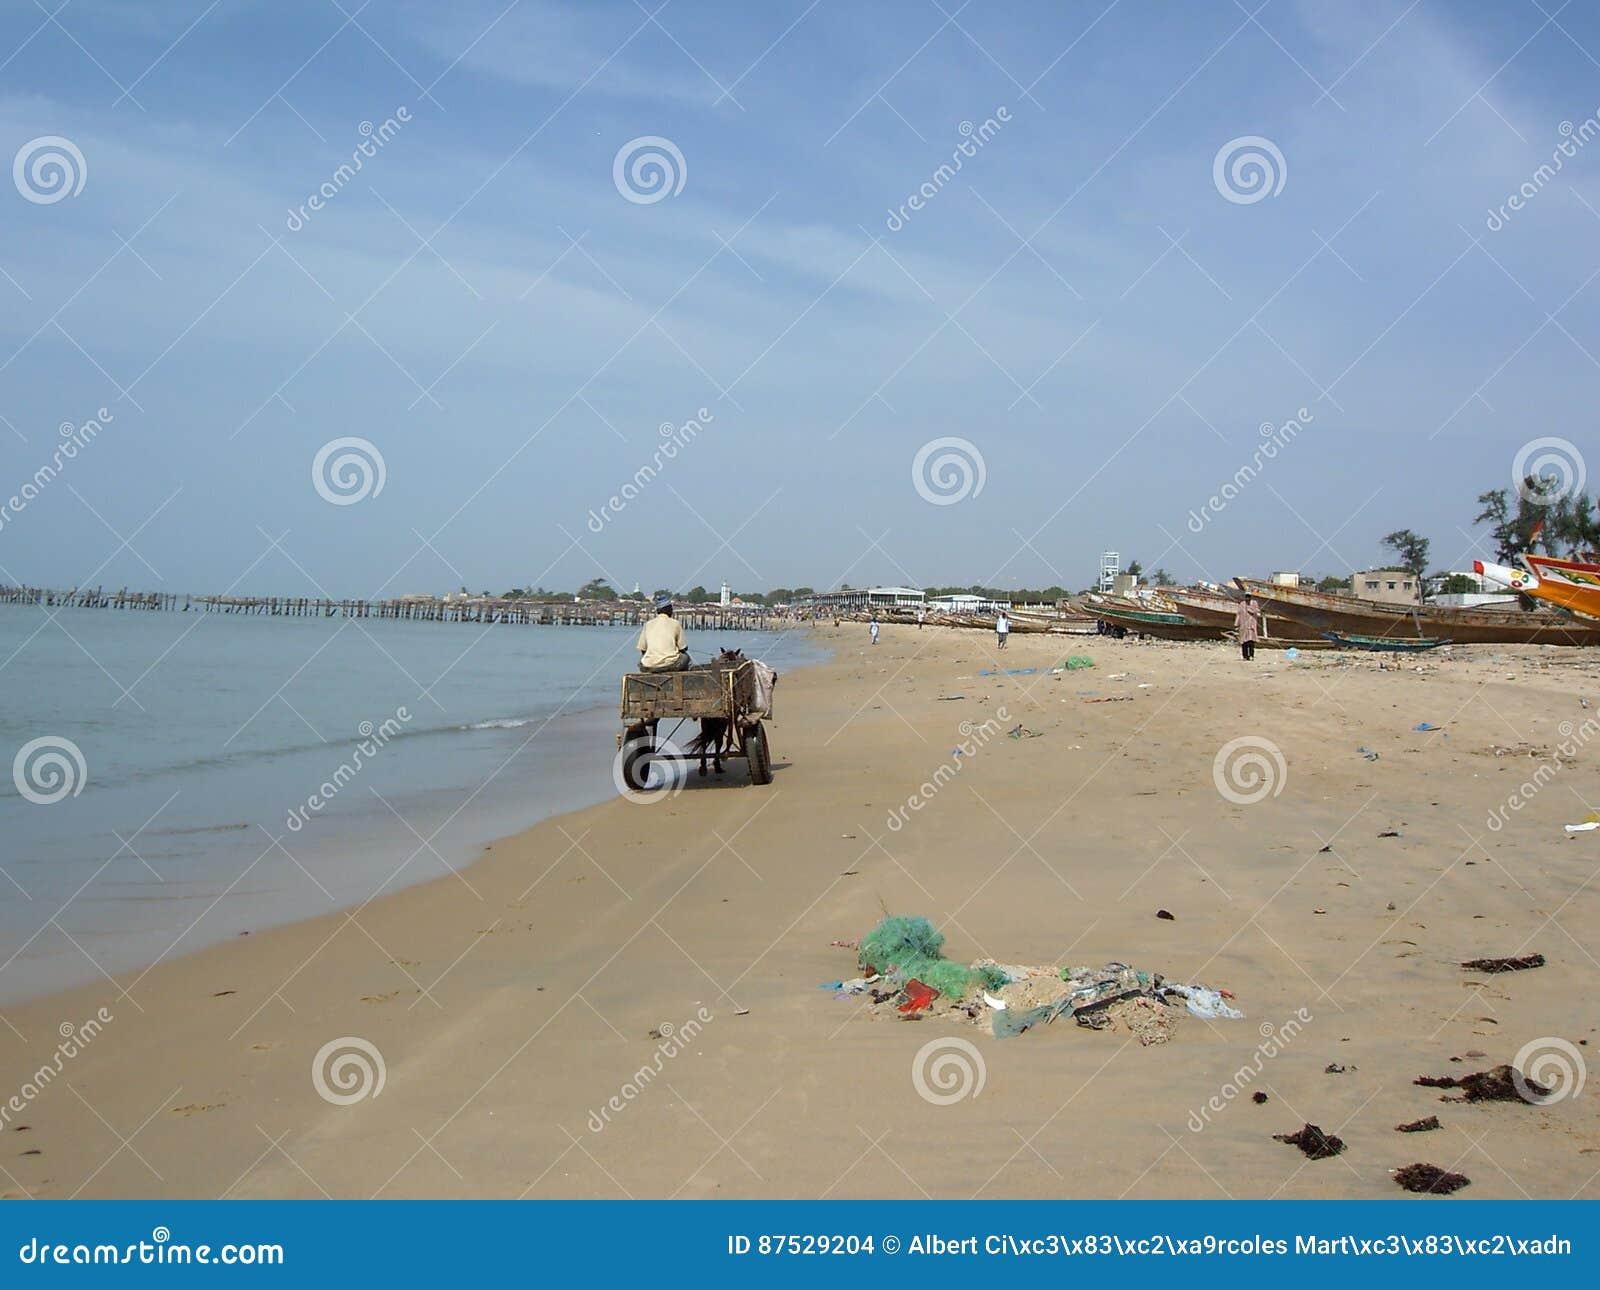 Carreta croisant la plage du Sénégal